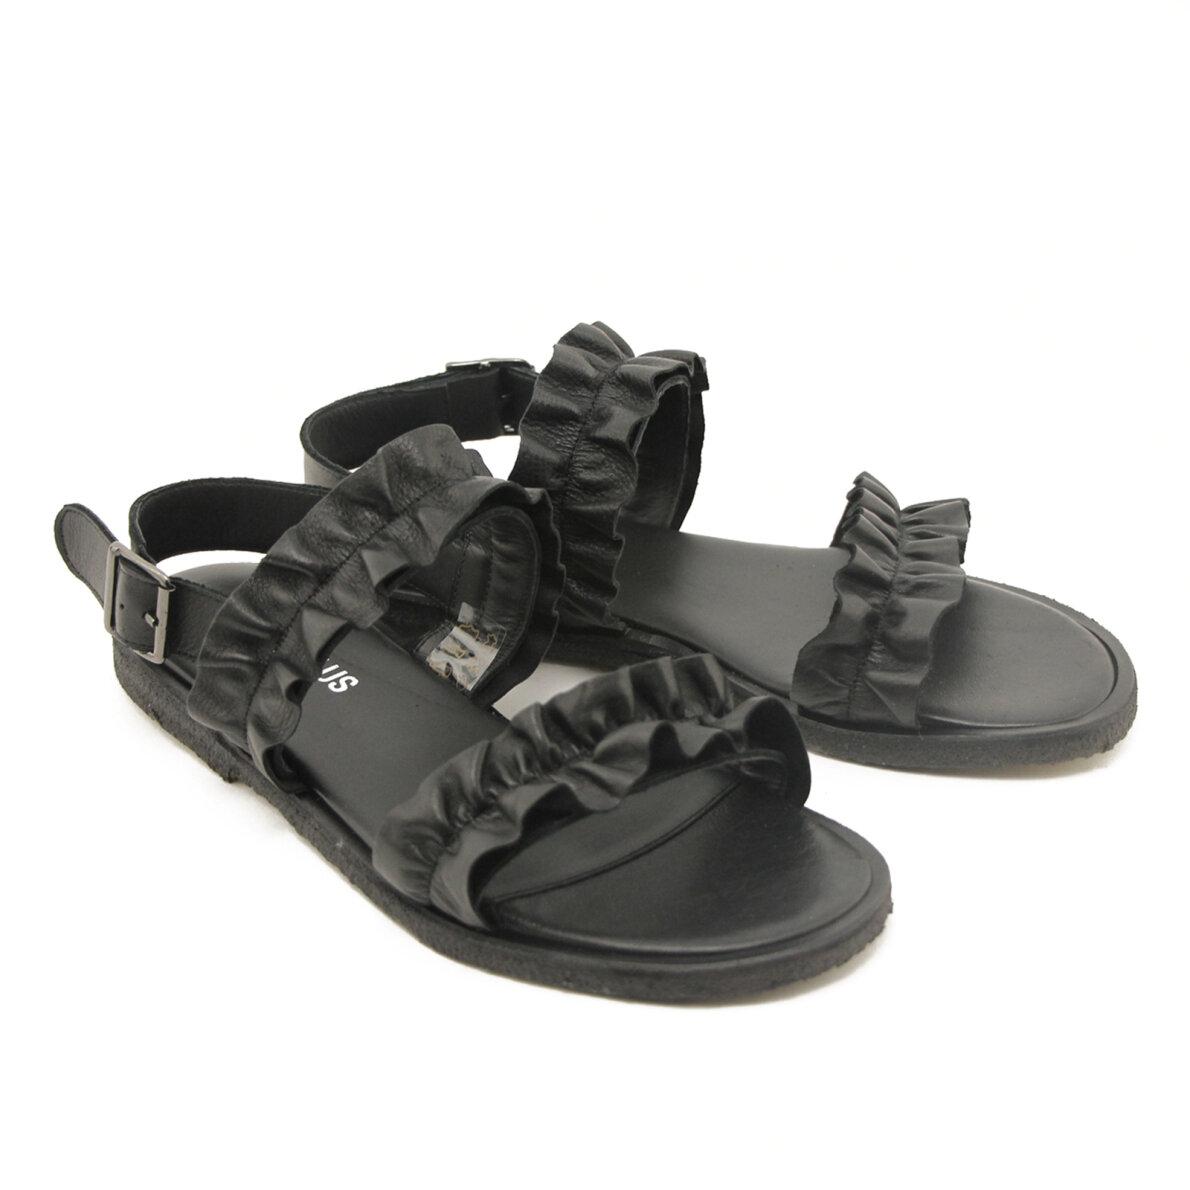 bb219fb08232 ... Angulus - Angulus 5558 sort dame sandal med flæser ...